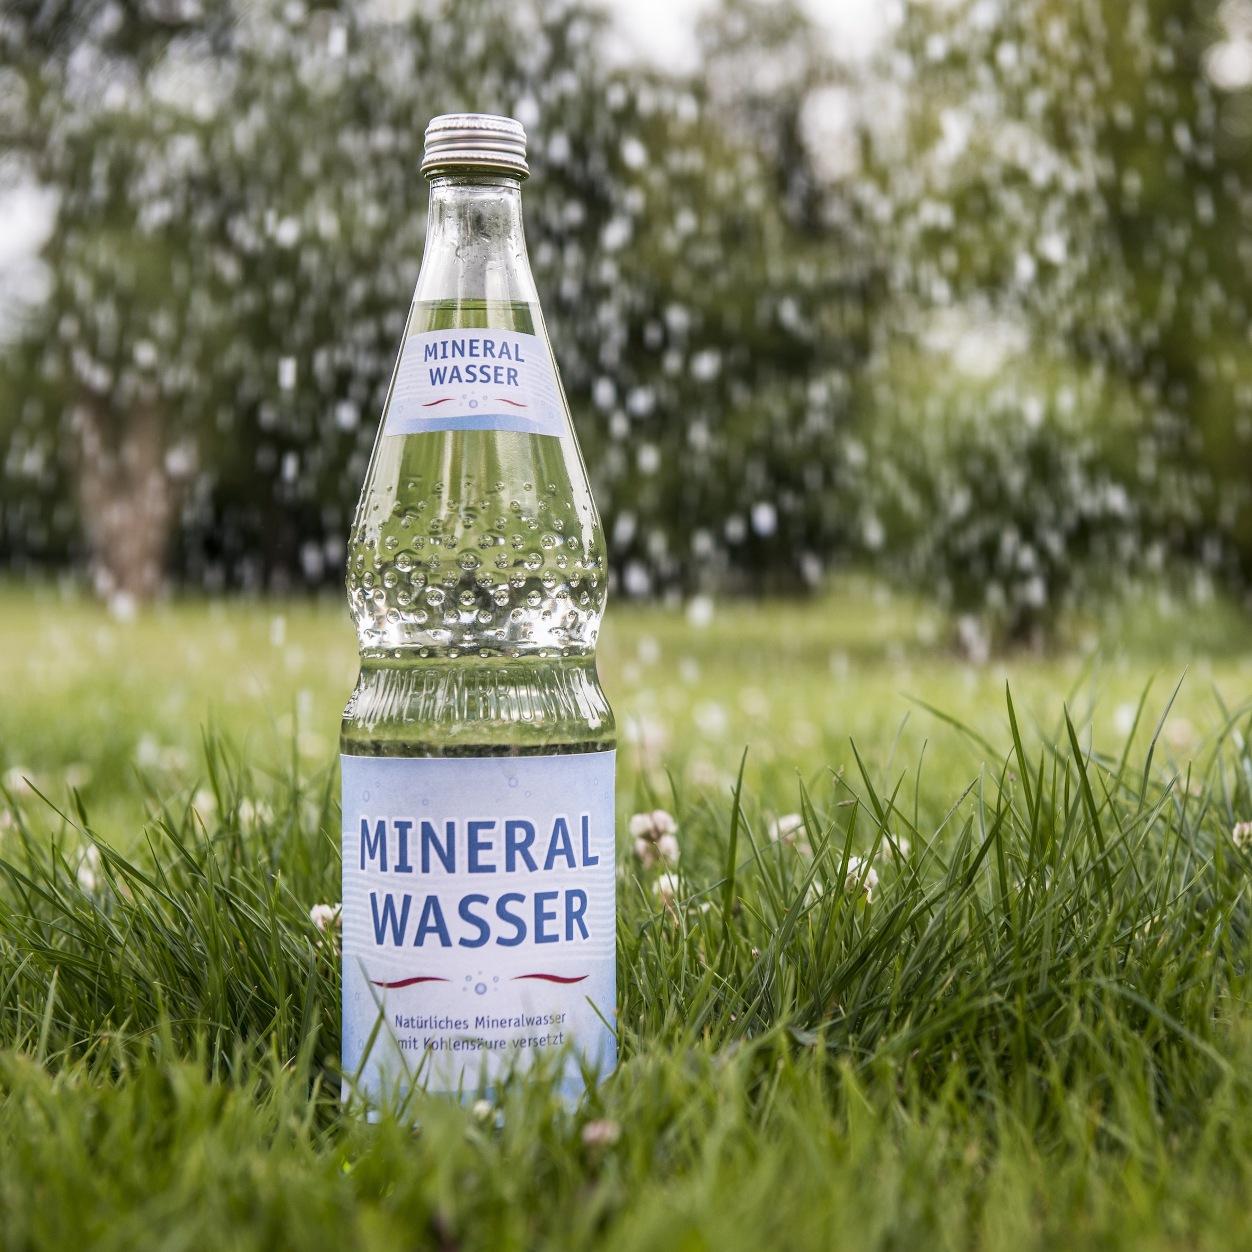 Nachhaltigkeit und Schutz der natürlichen Mineralwasservorkommen spielen hierzulande eine wichtige Rolle.